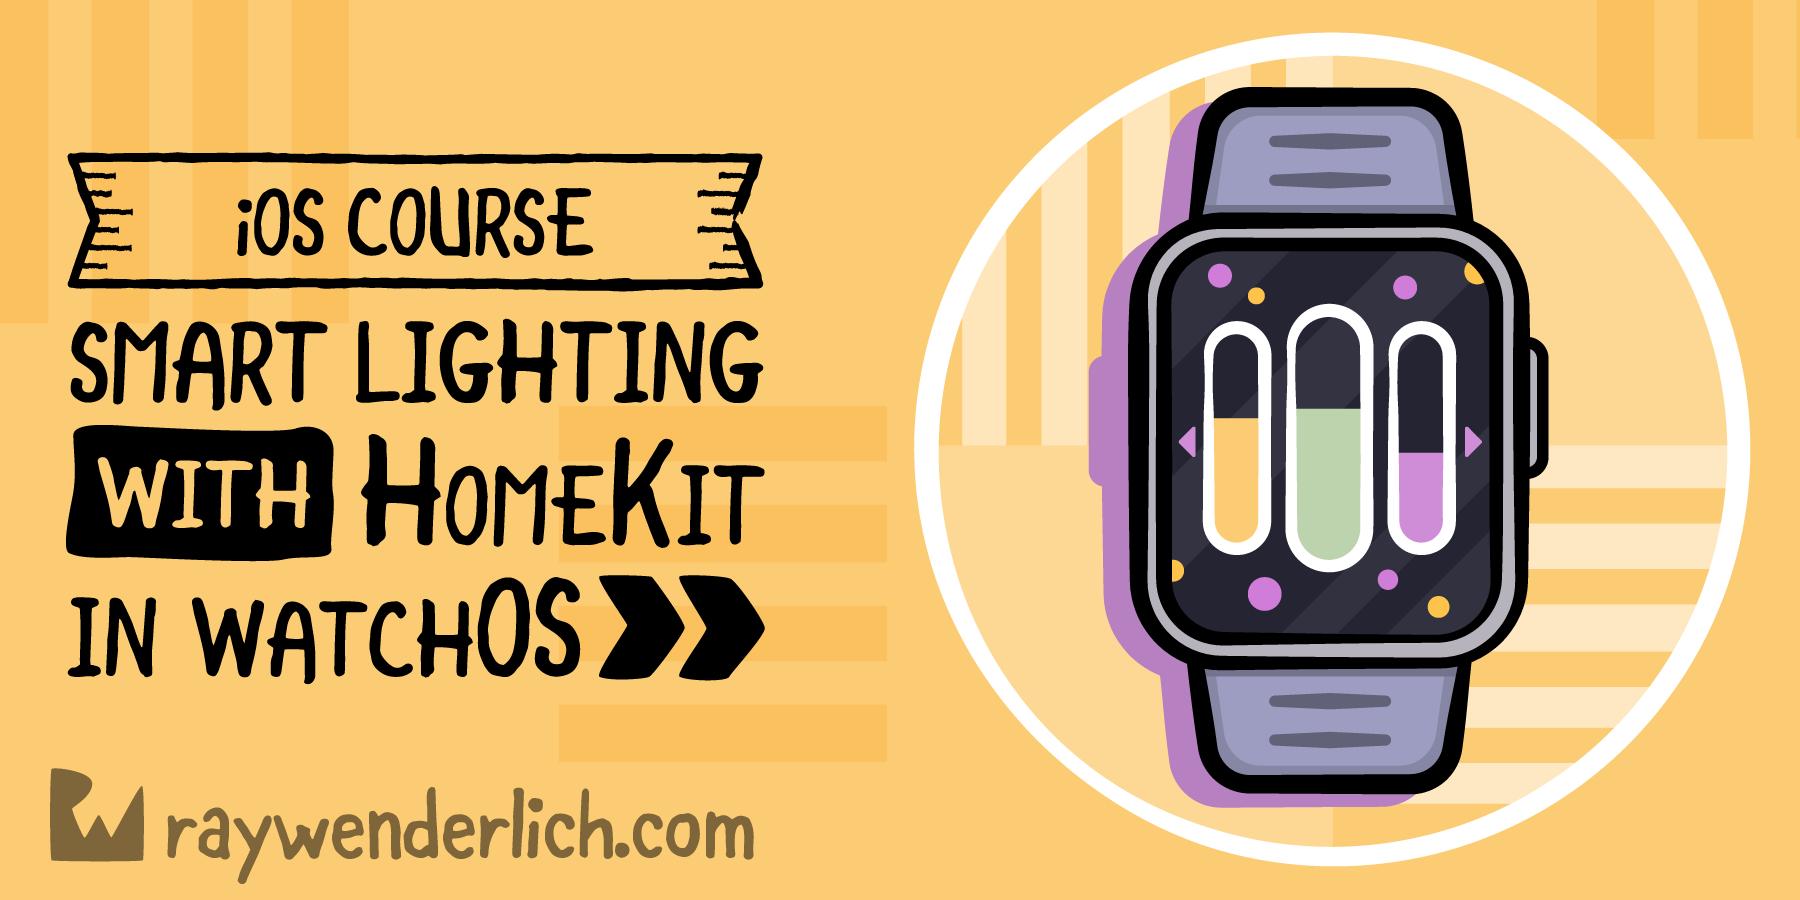 Smart Lighting with HomeKit in watchOS [SUBSCRIBER]